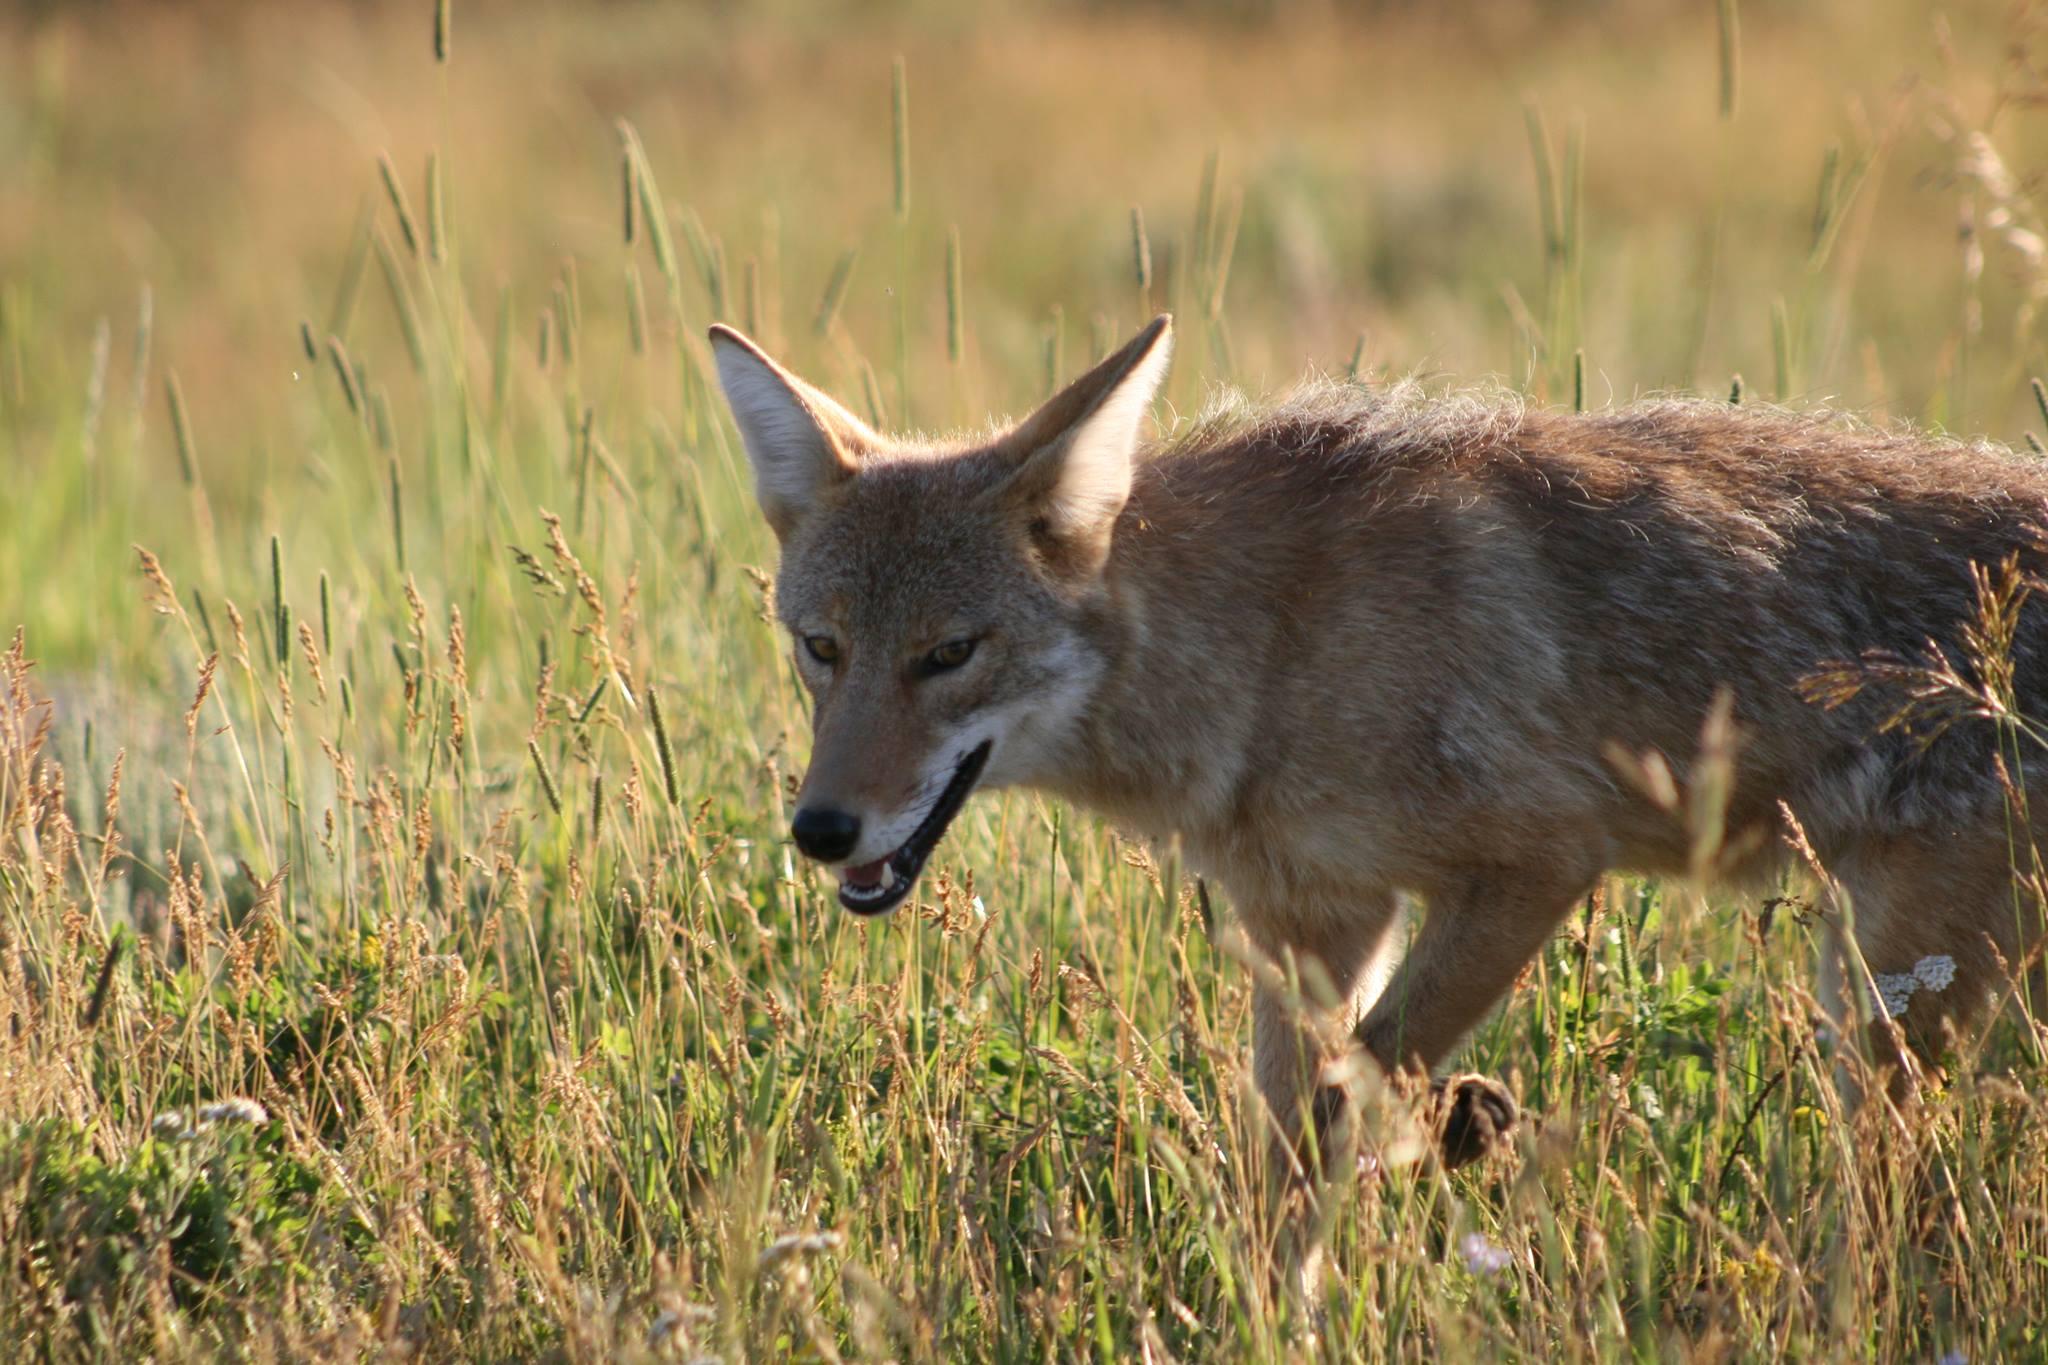 coyote smiling by Sean Moth.jpg